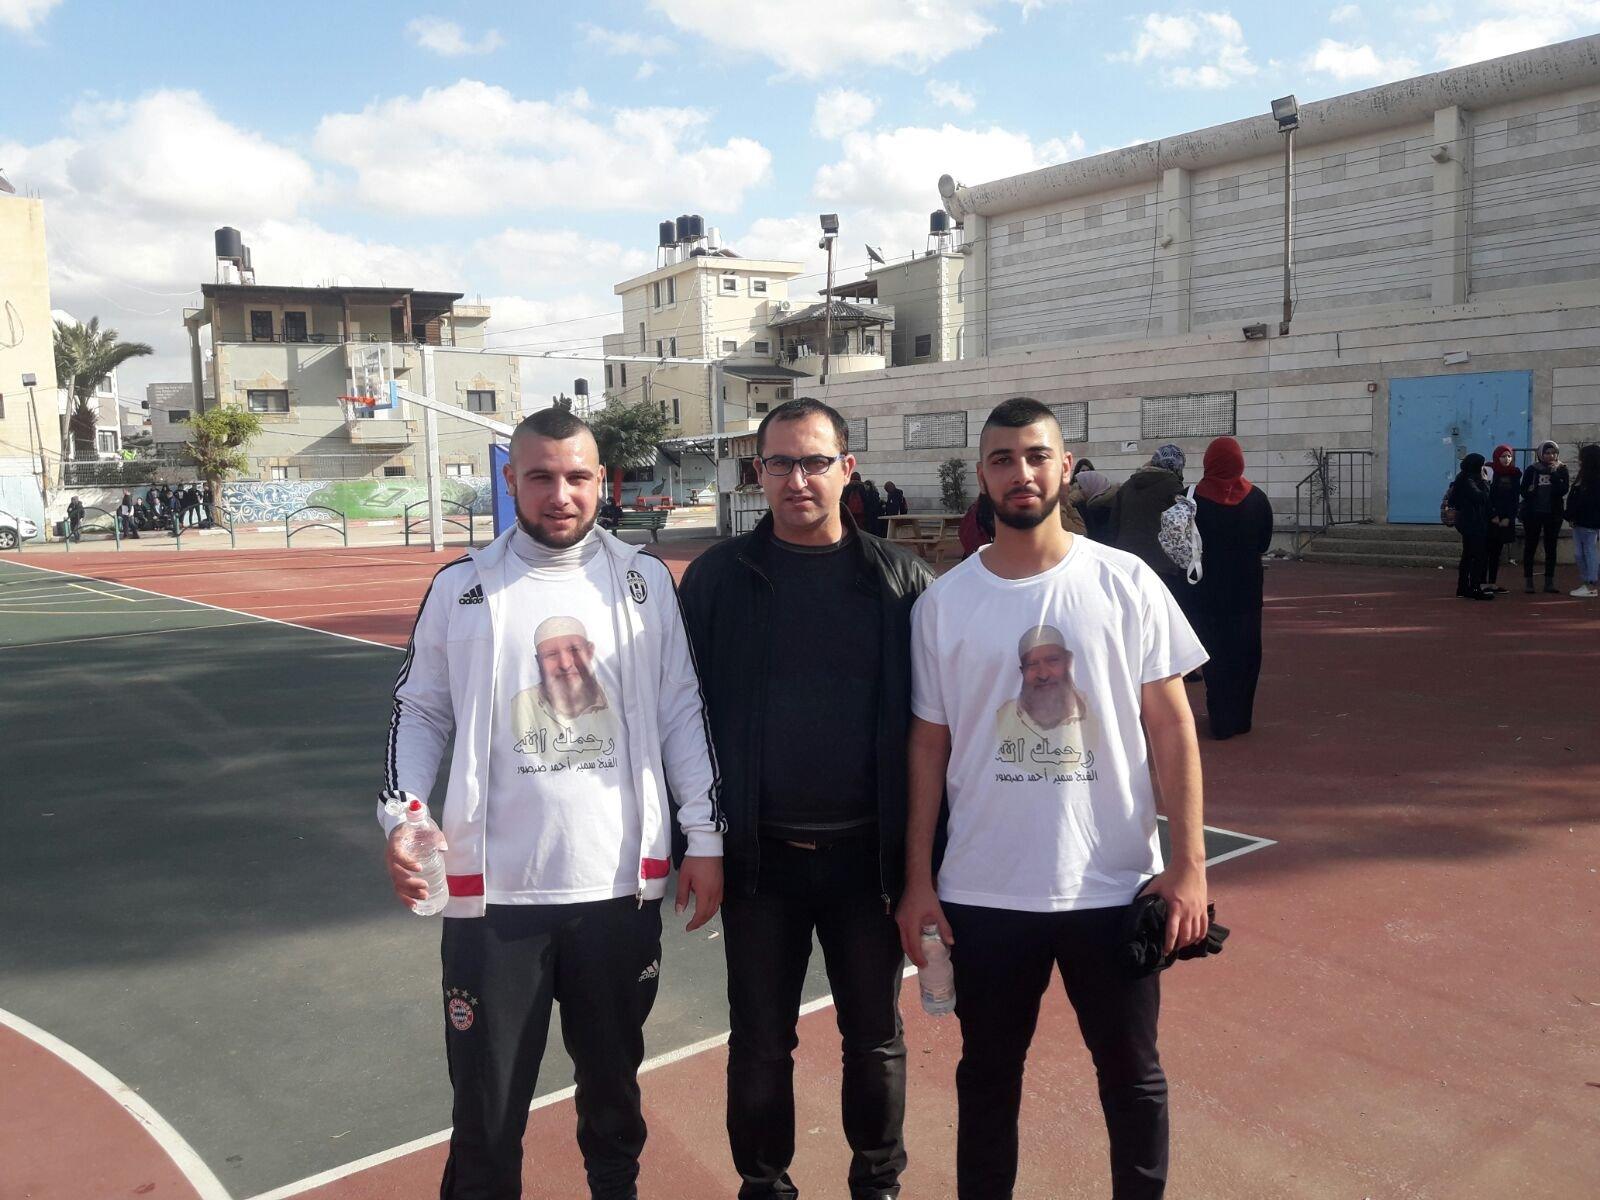 إنتهاء المرحلة الأولى في تورنير كرة القدم في الثانوية الشاملة كفر قاسم ...